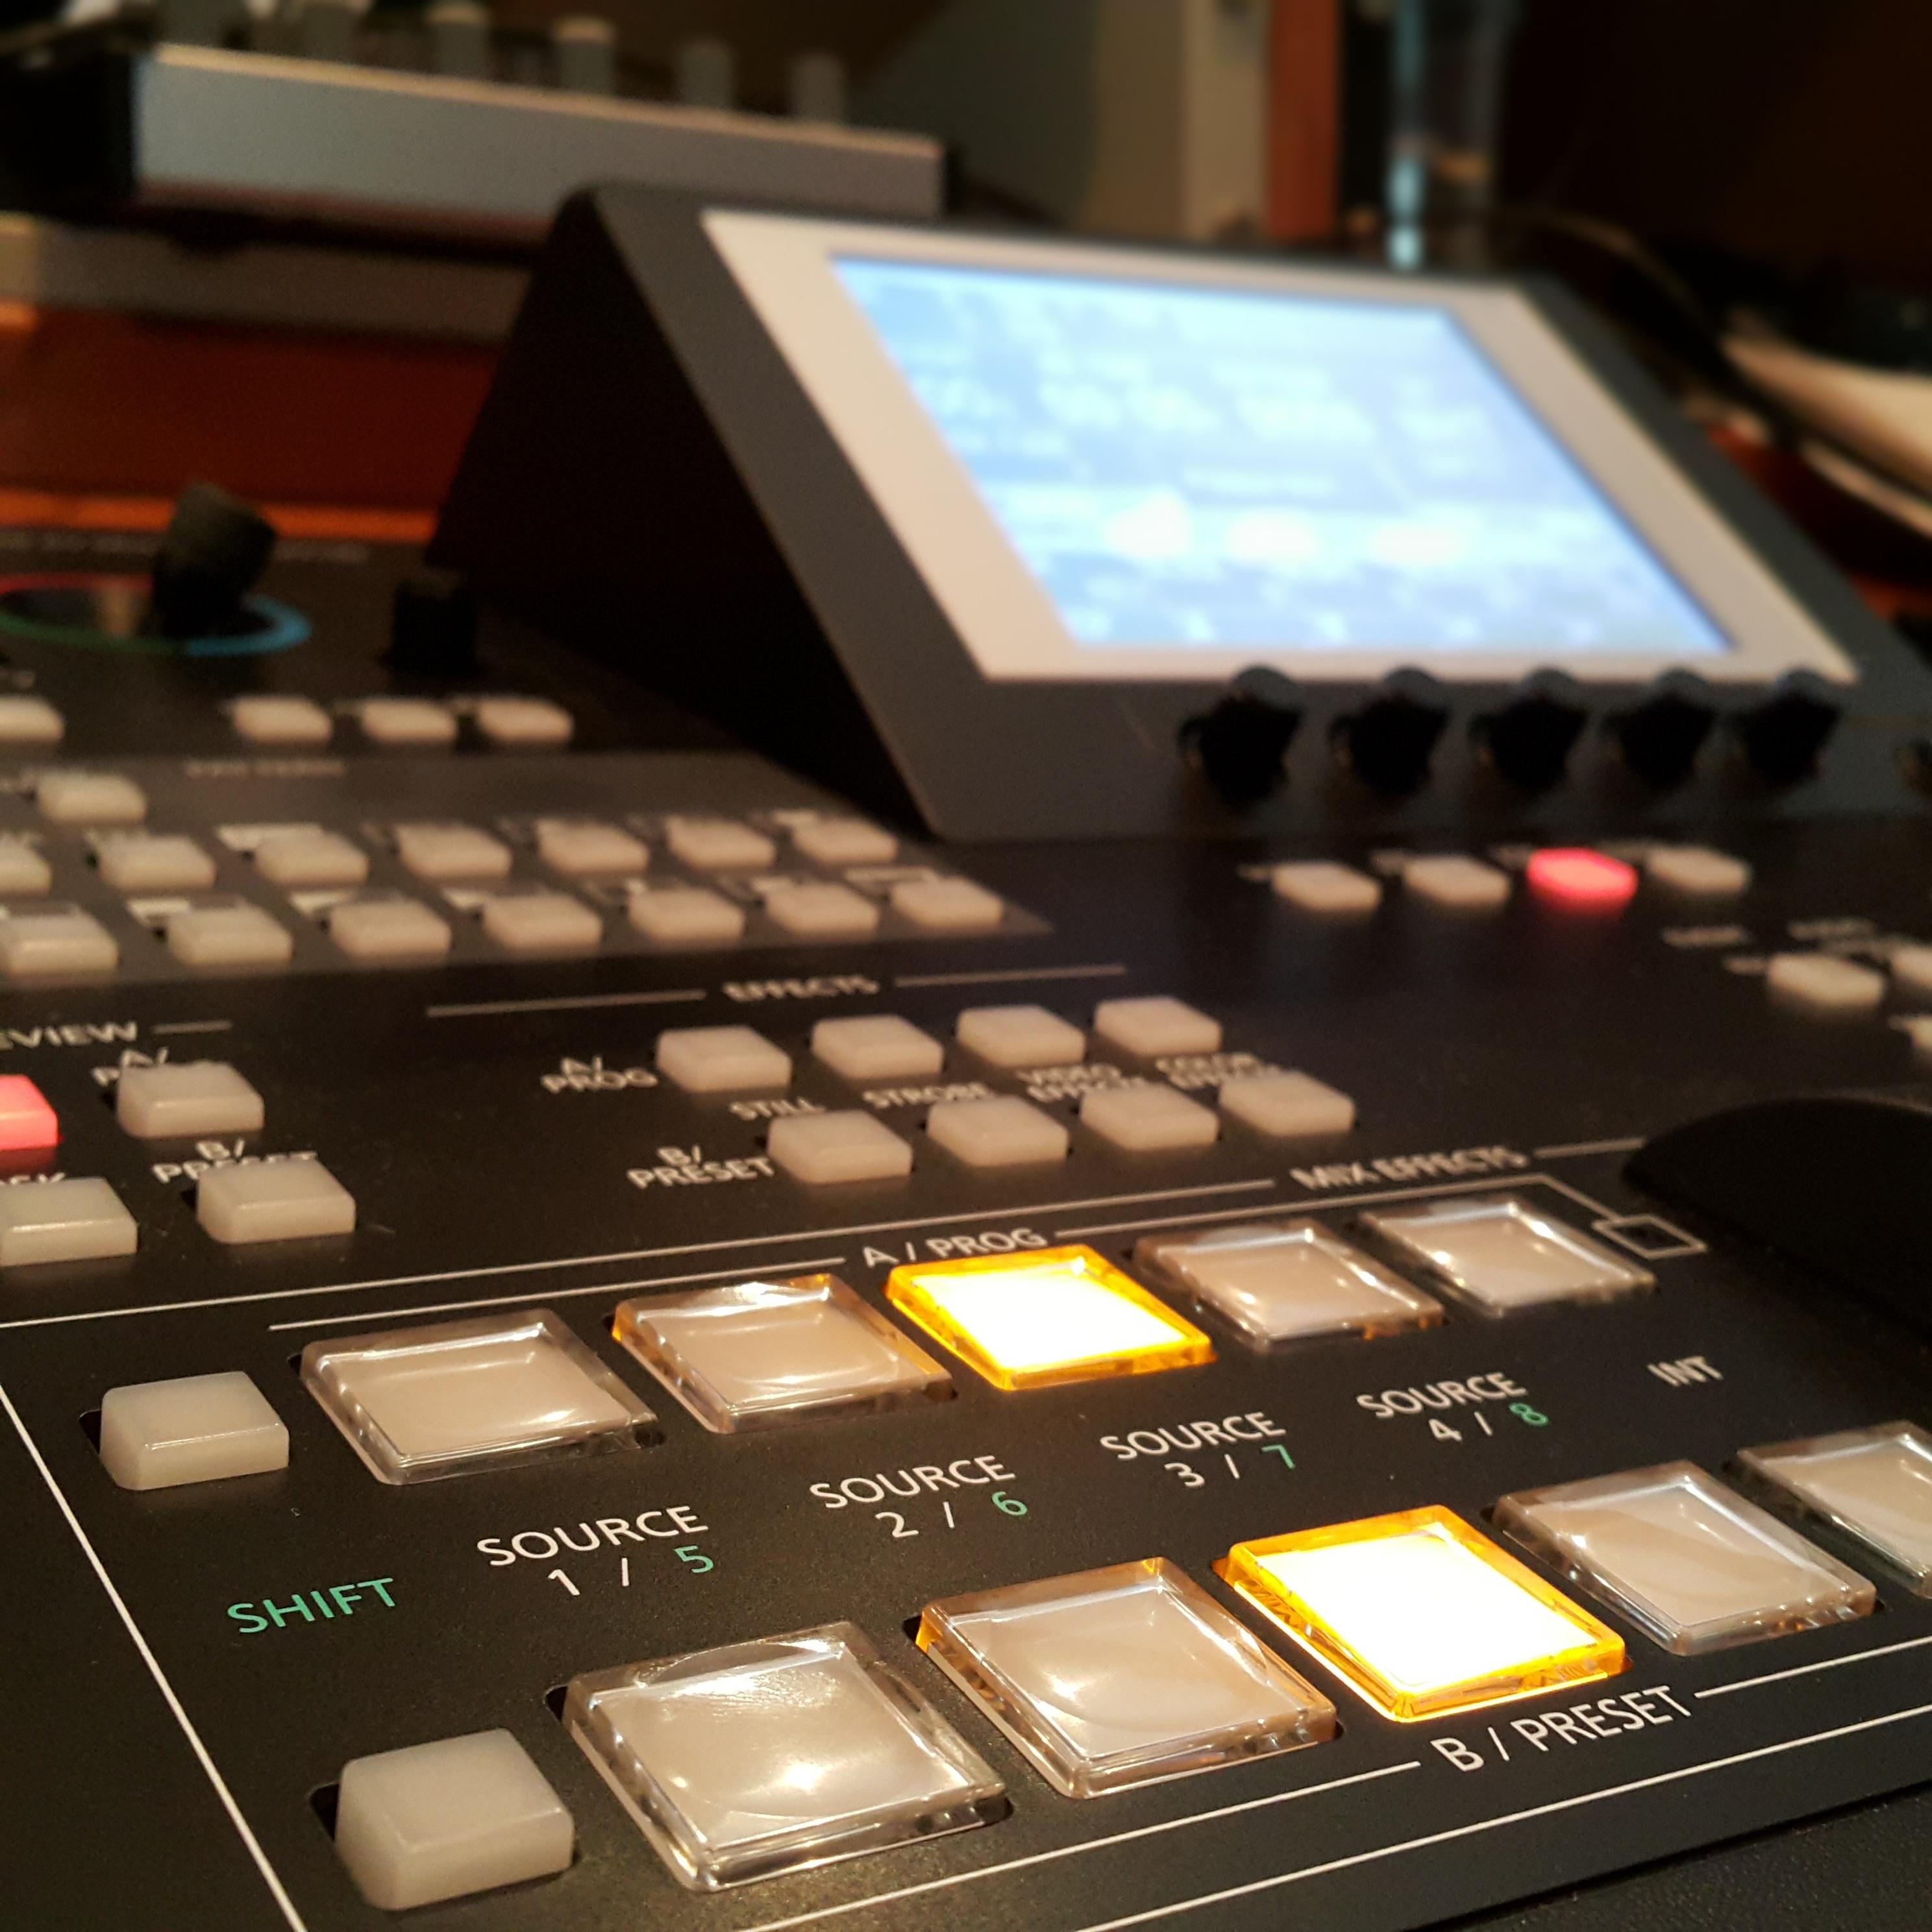 Informática em estúdio de som